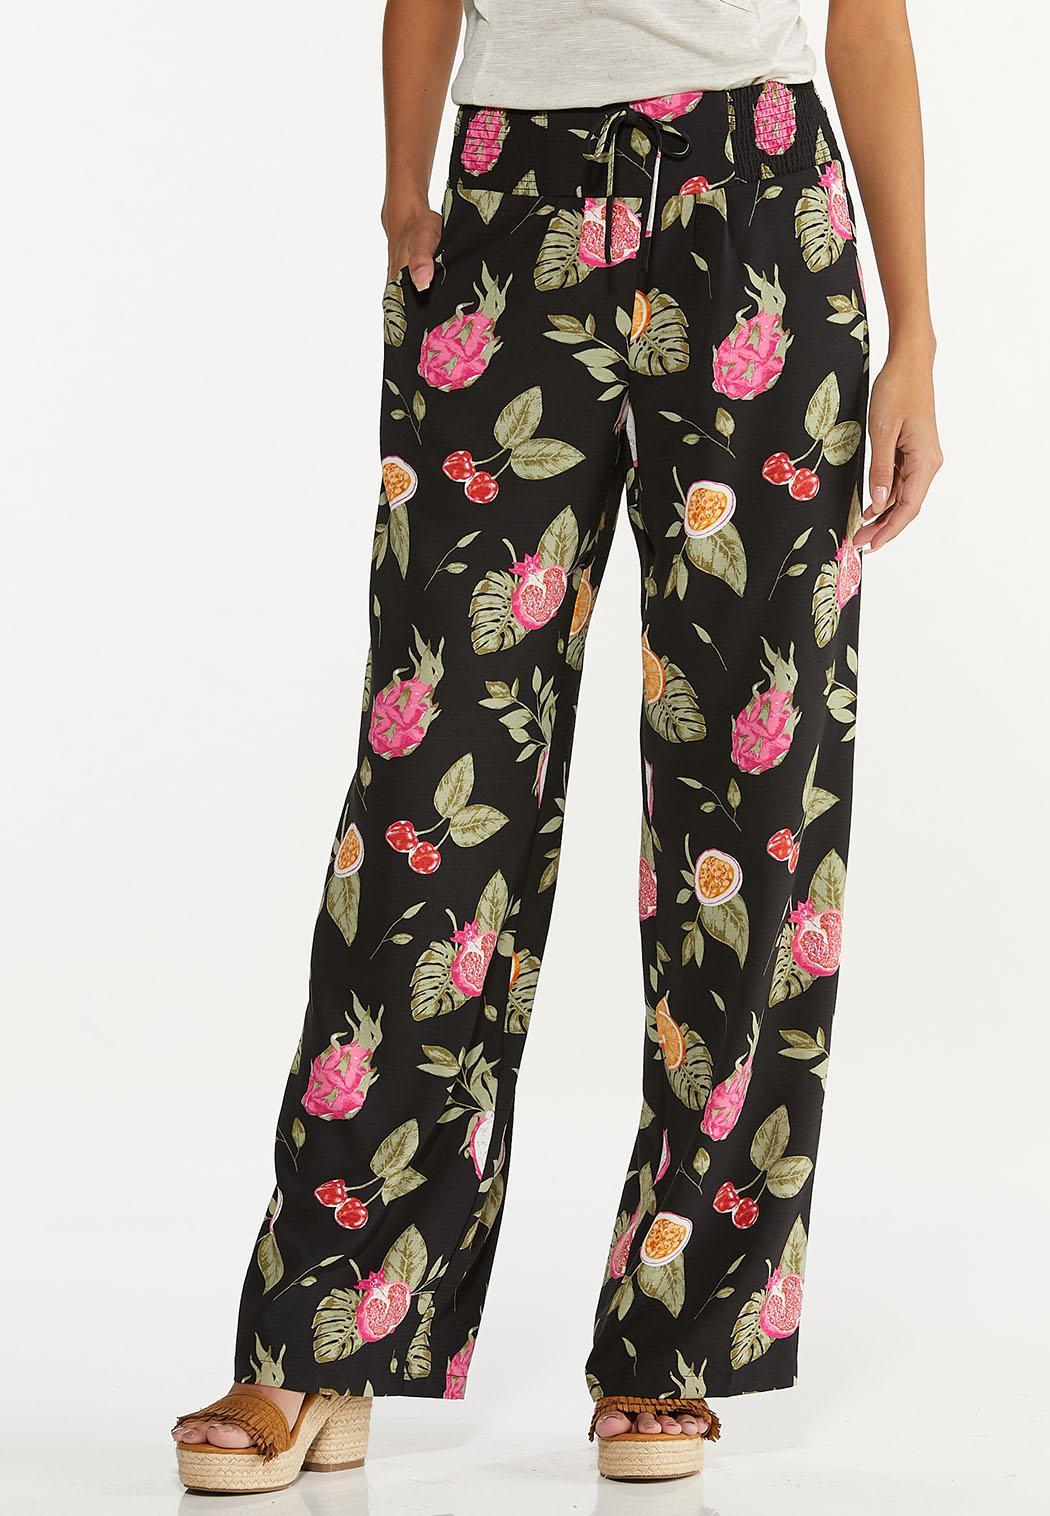 Petite Tropical Fruit Cocktail Pants